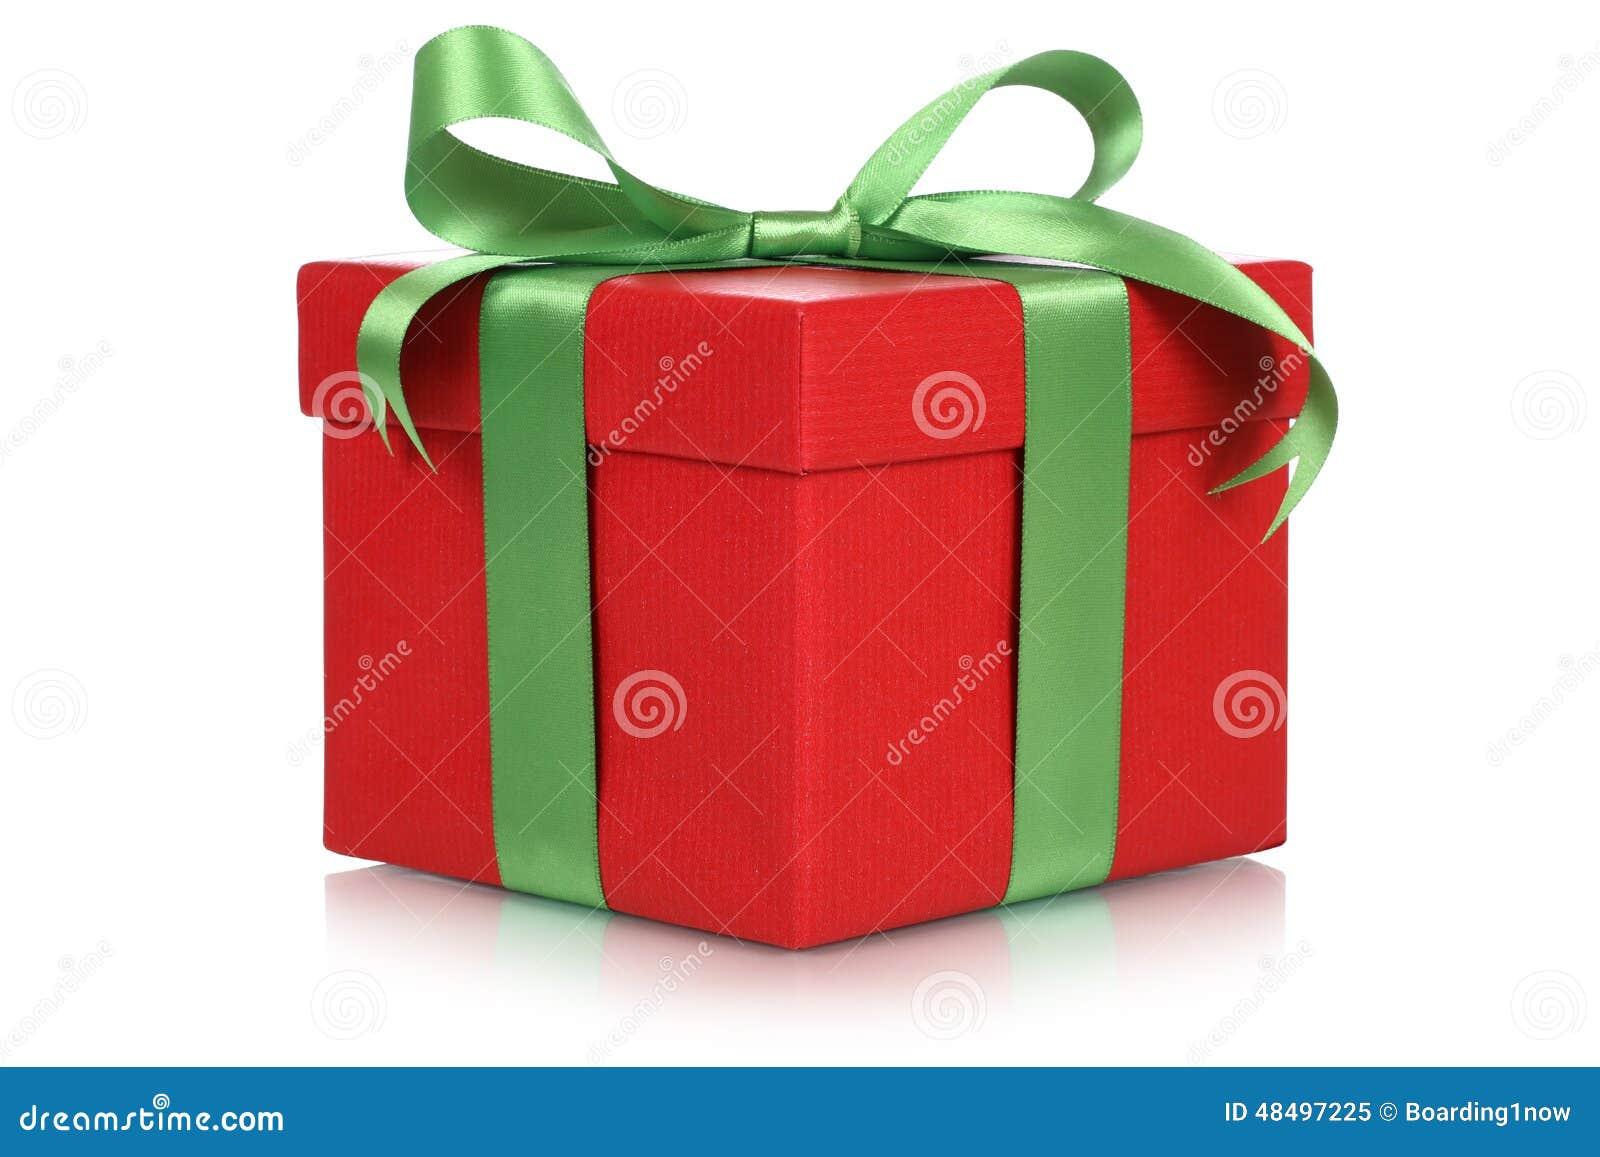 Boîte De Cadeau Le Jour De Noël Clip Art: Boîte-cadeau Rouge Pour Des Cadeaux Noël, L'anniversaire